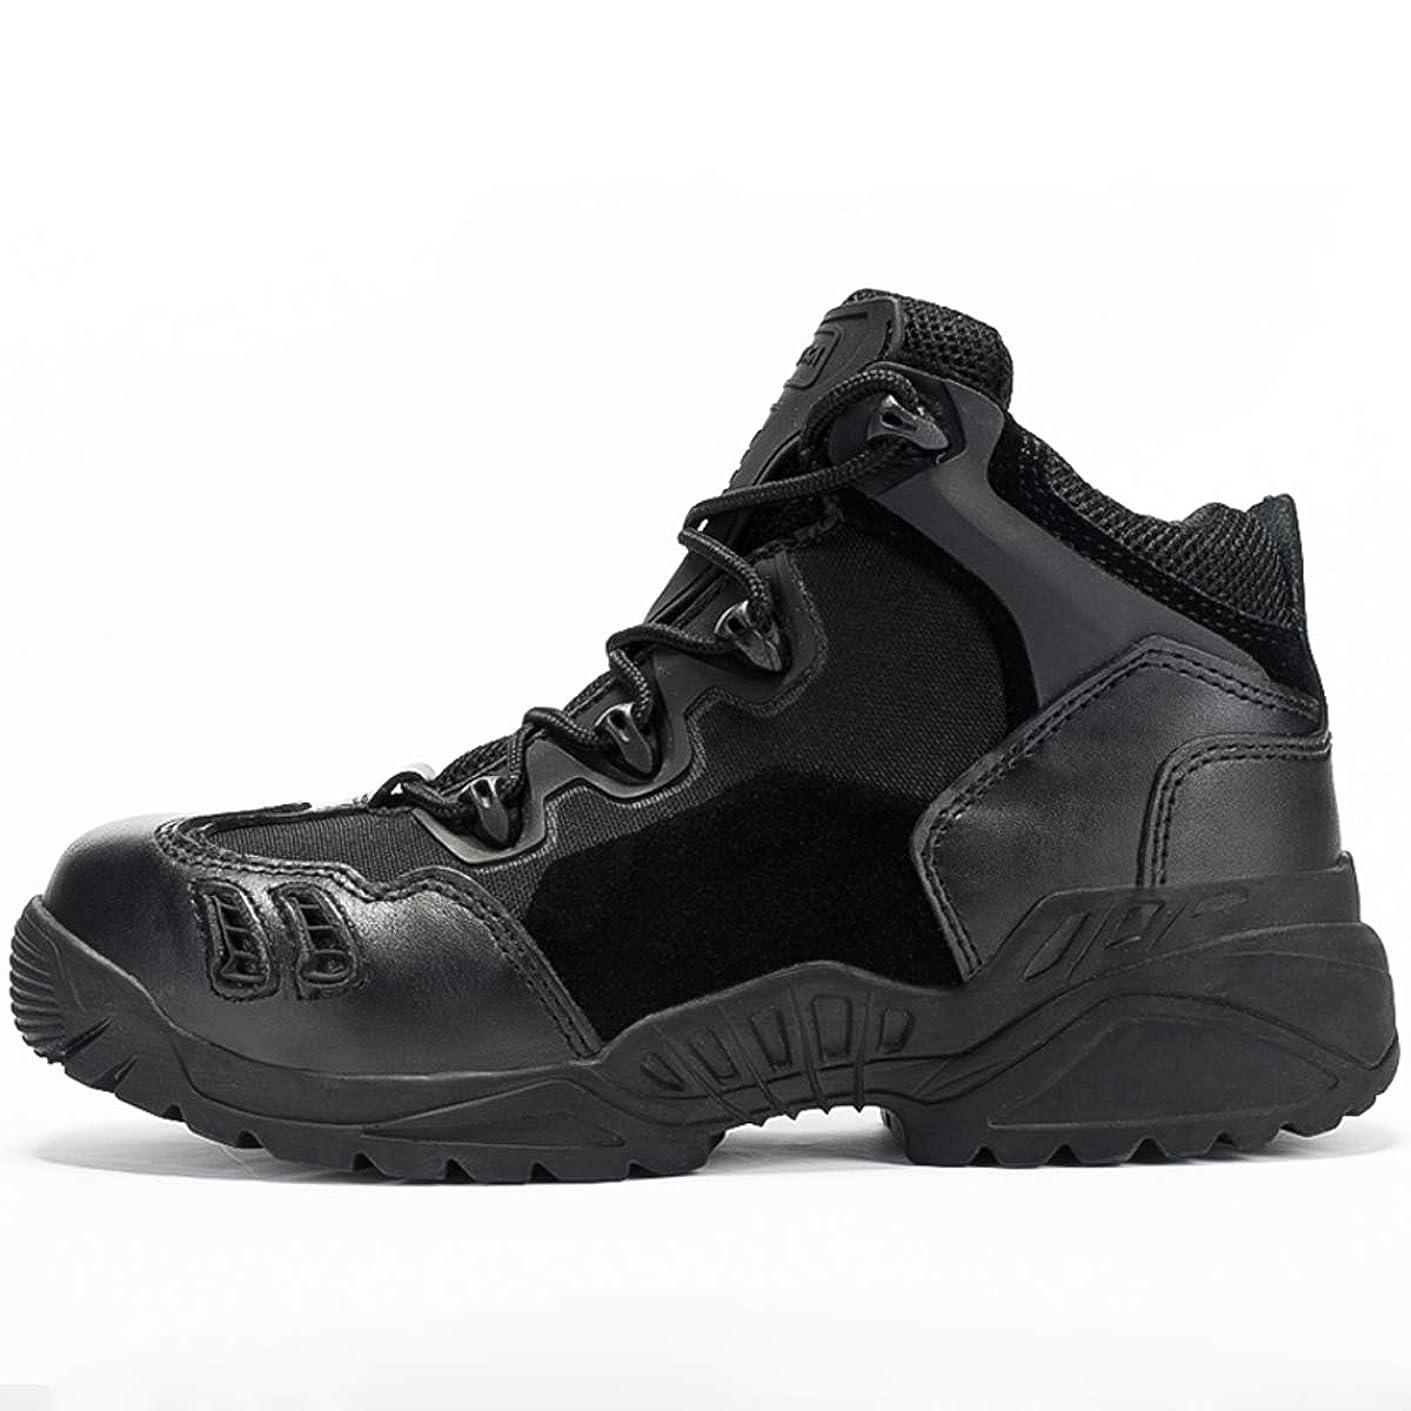 政策政策ライラックメンズ屋外ハイキングシューズ軽量通気性ウォーキングシューズ戦術的な靴高防水耐衝撃性屋外キャンプウォーキングシューズ(38-44ヤード)オプション